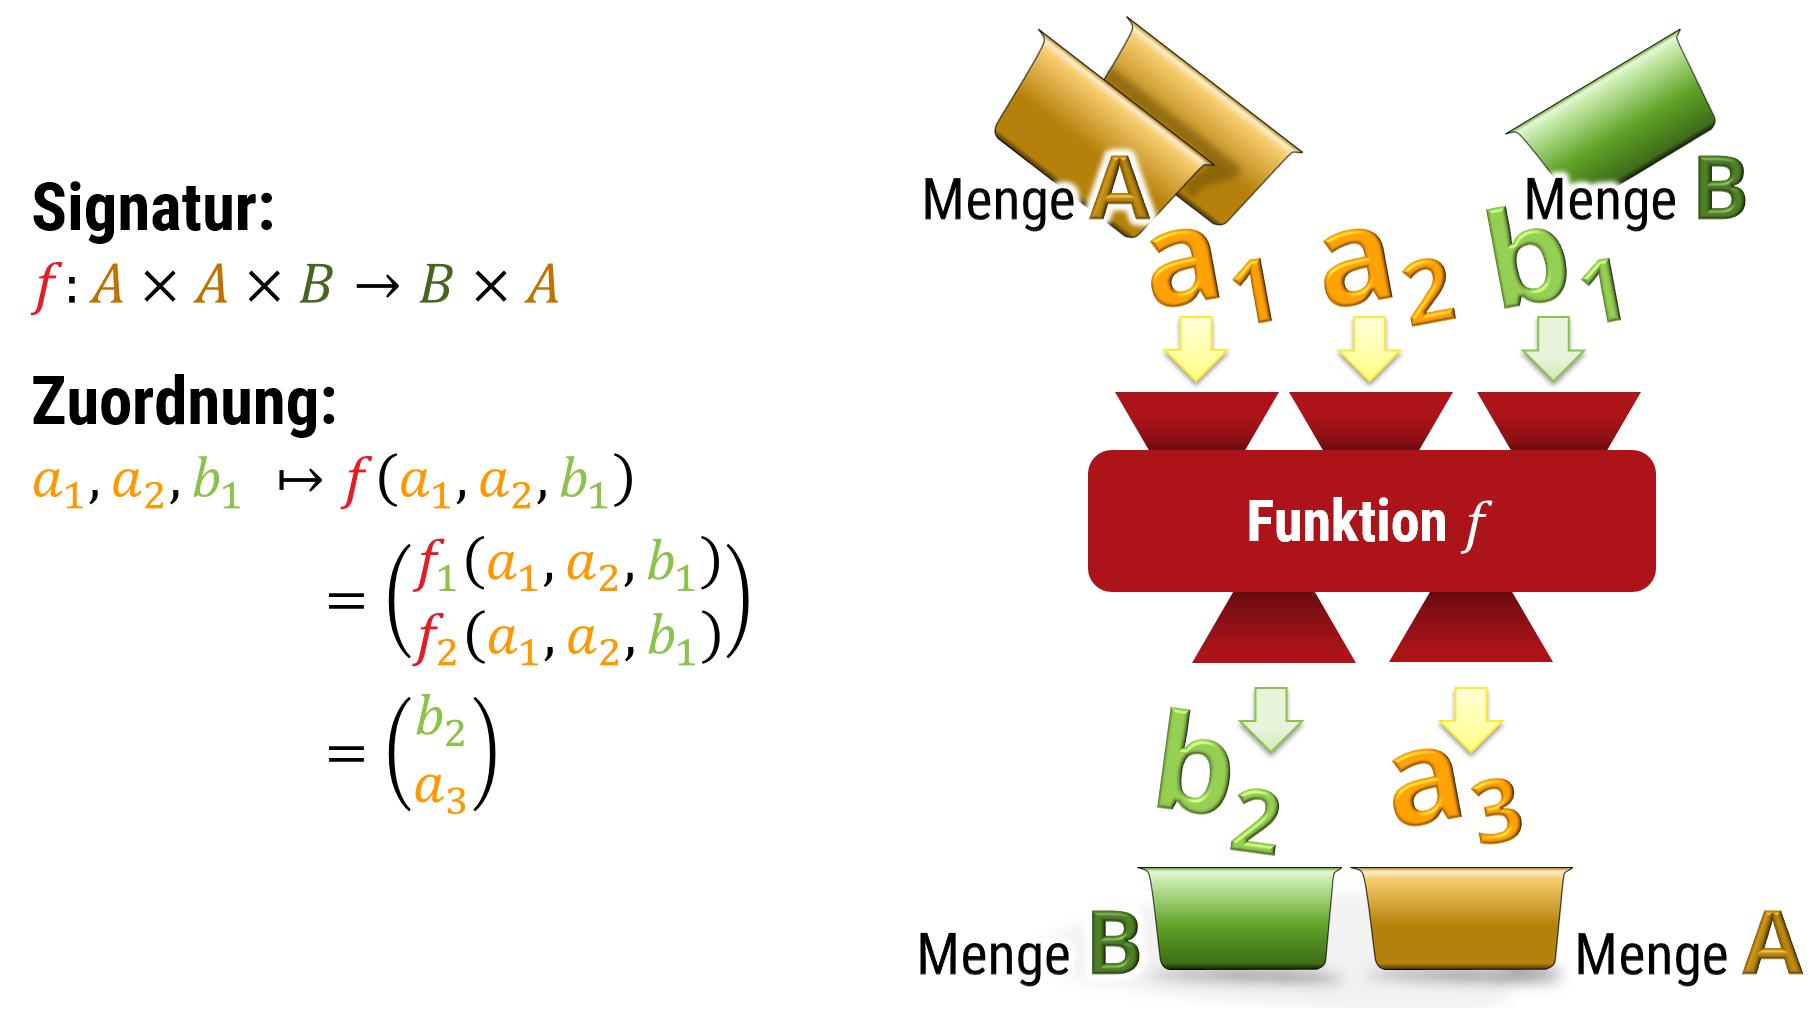 Funktionen Berechenbarkeit Und Emergente Komplexitat